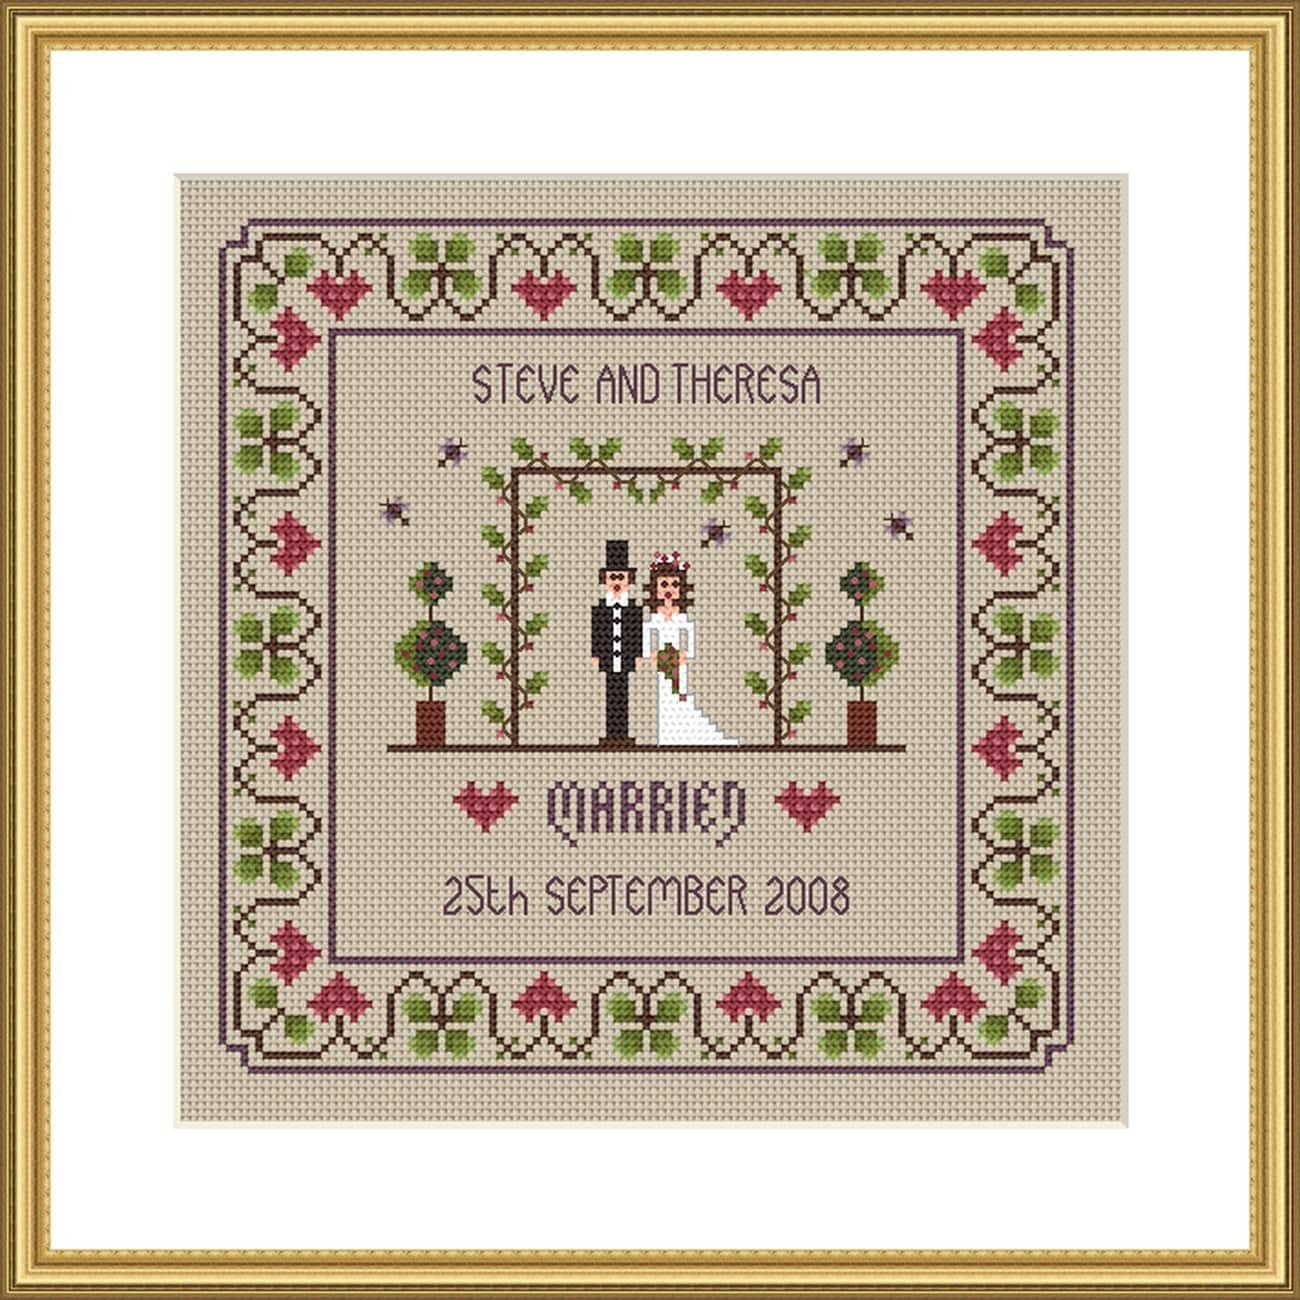 Wedding - Cross Stitch Patterns & Kits